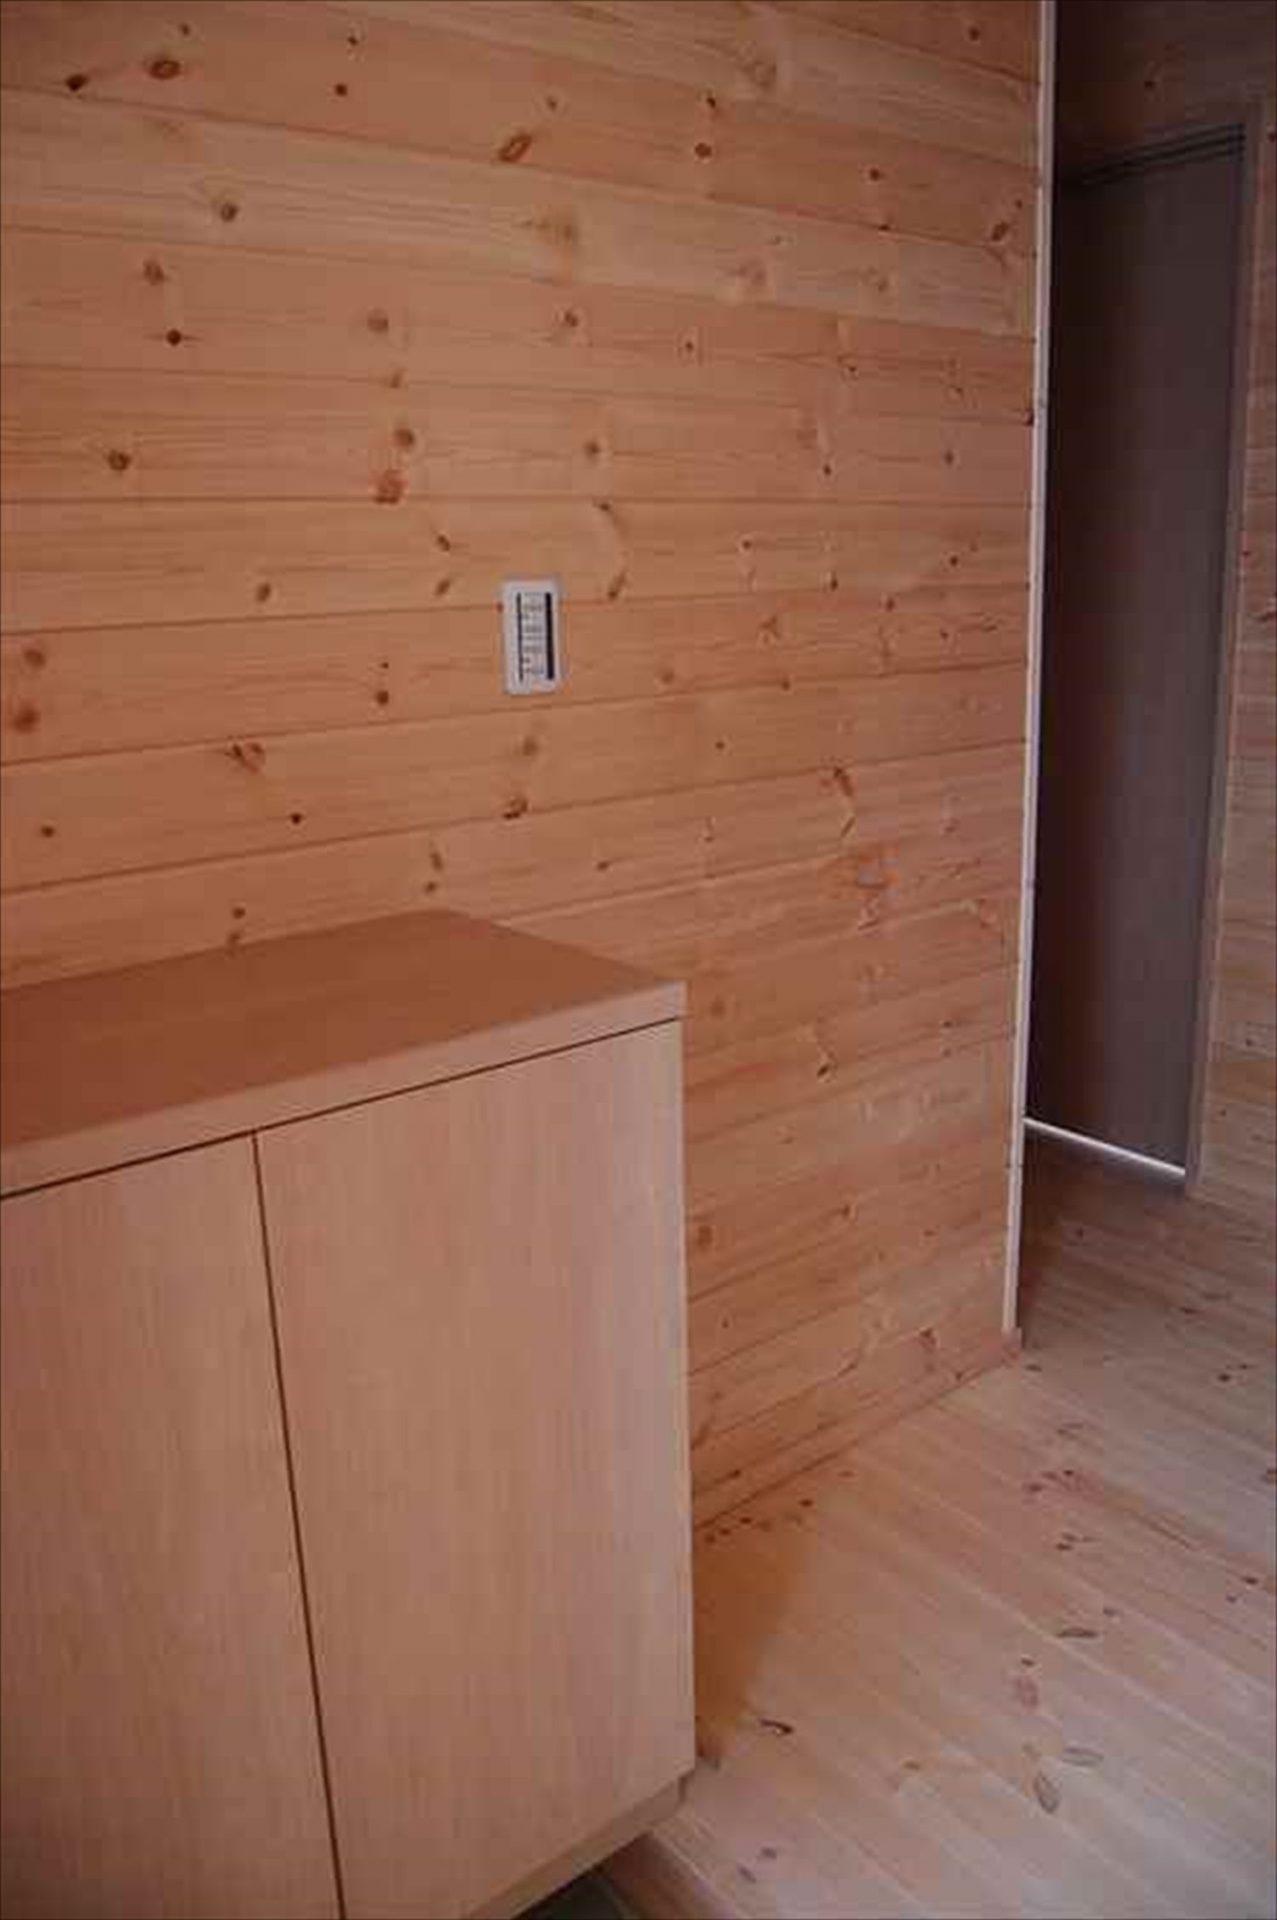 二階建て戸建て賃貸住宅の玄関ホール|水戸市の注文住宅,ログハウスのような木の家を低価格で建てるならエイ・ワン